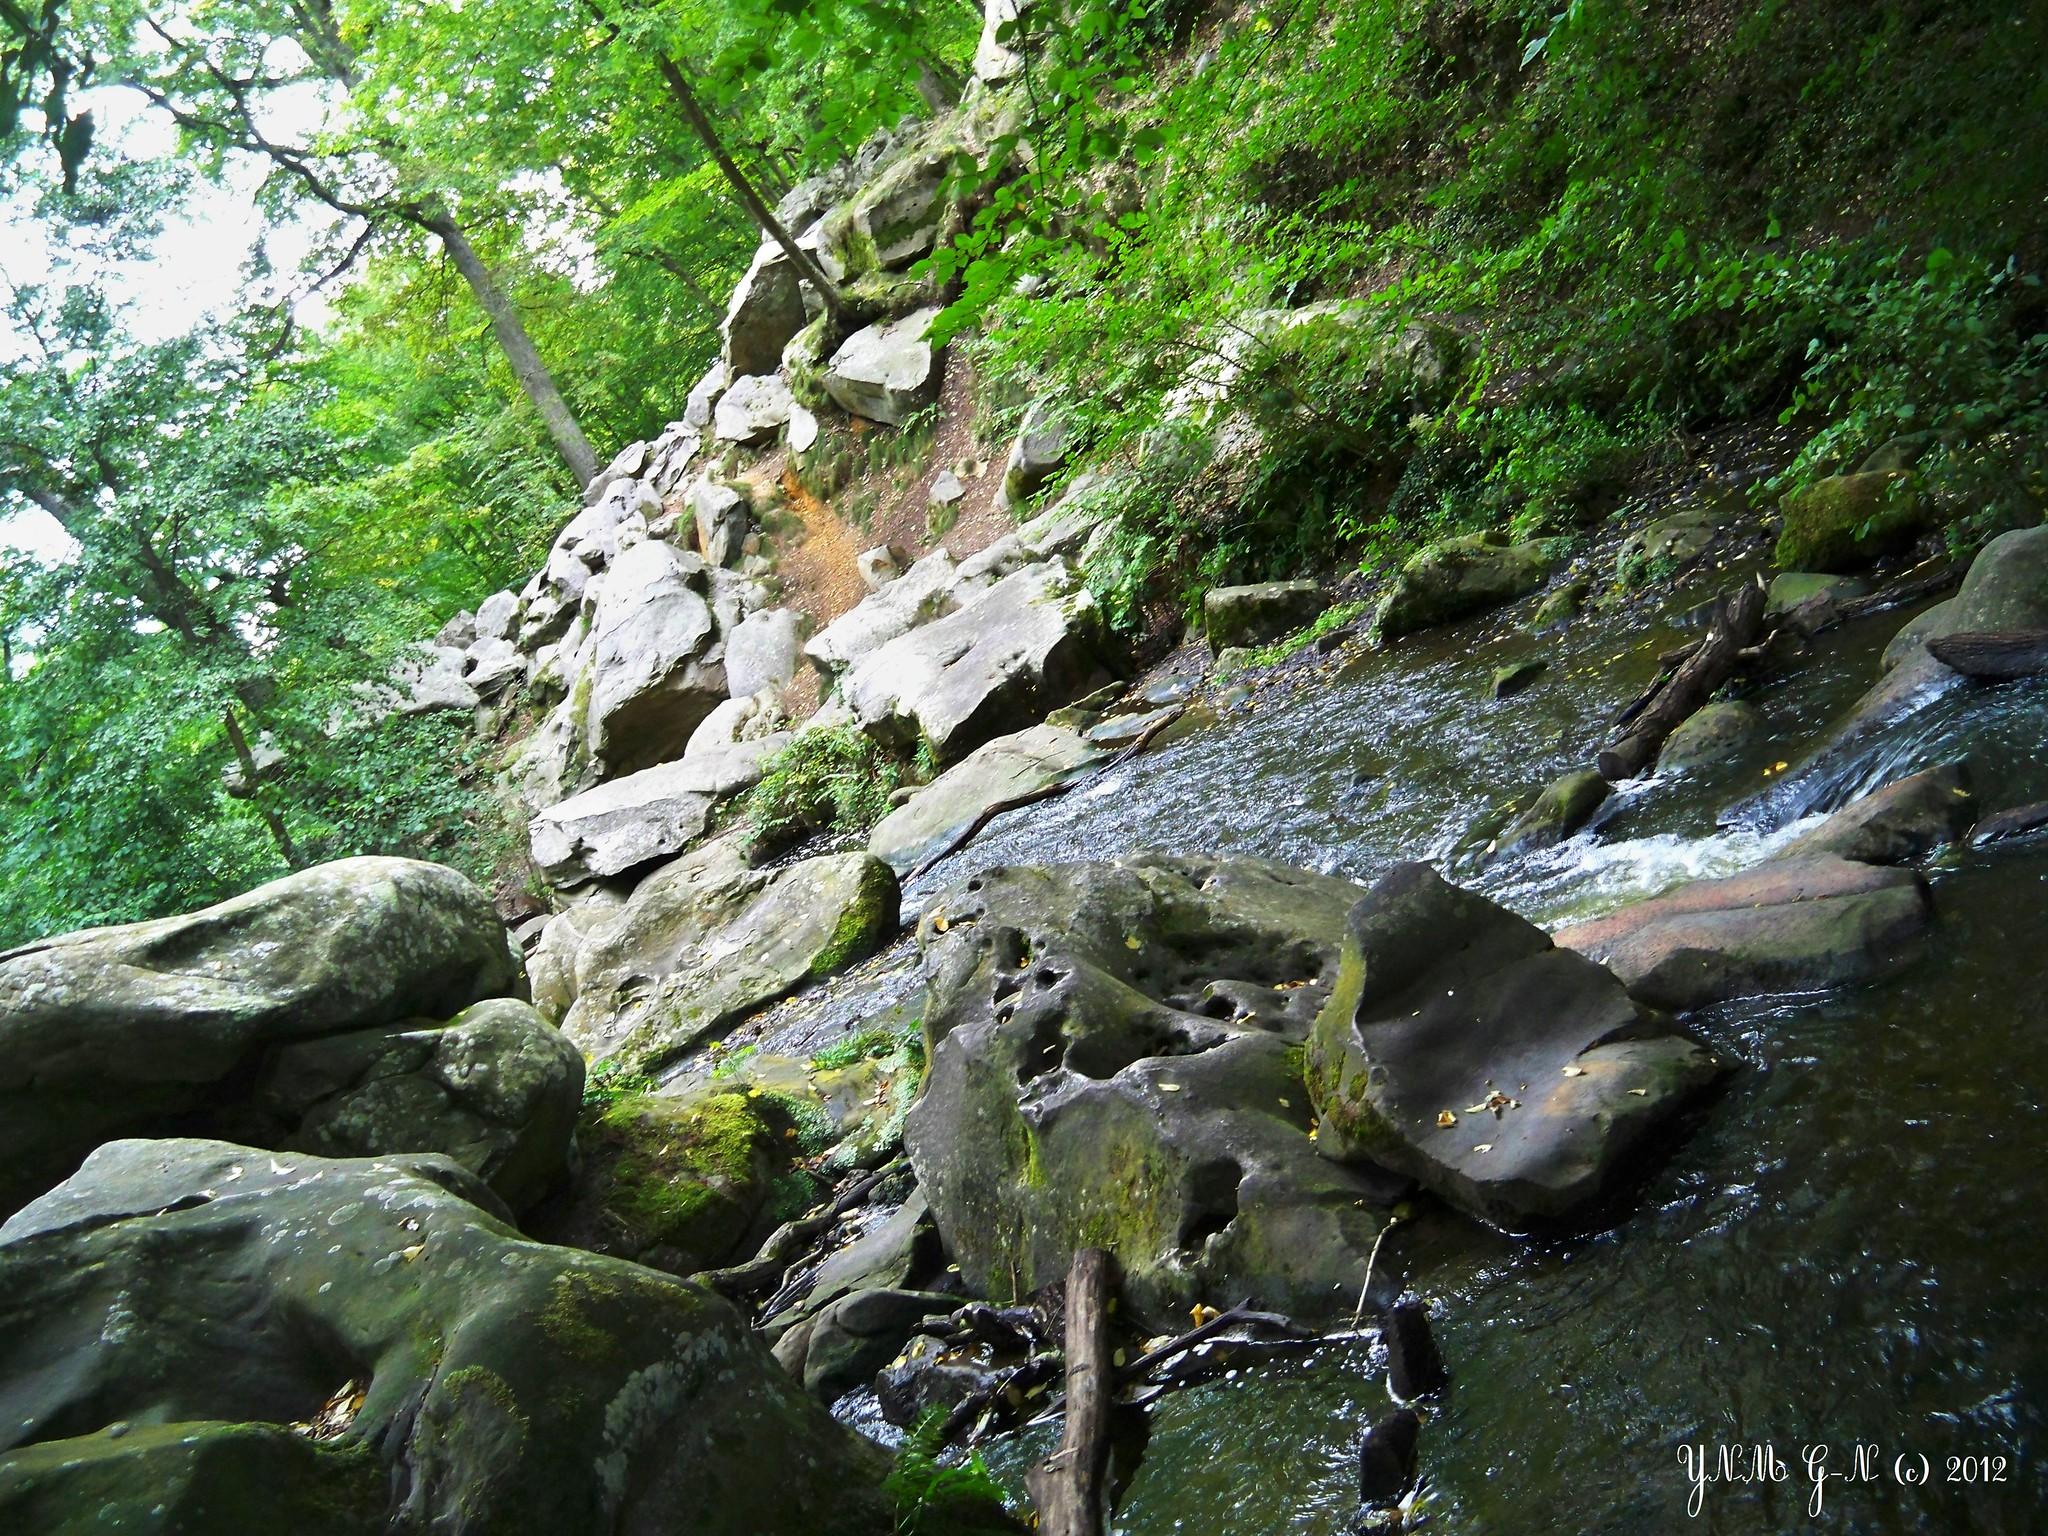 Chaos rocheux gorge cascade vall e des vaux de cernay for Yvelines parc